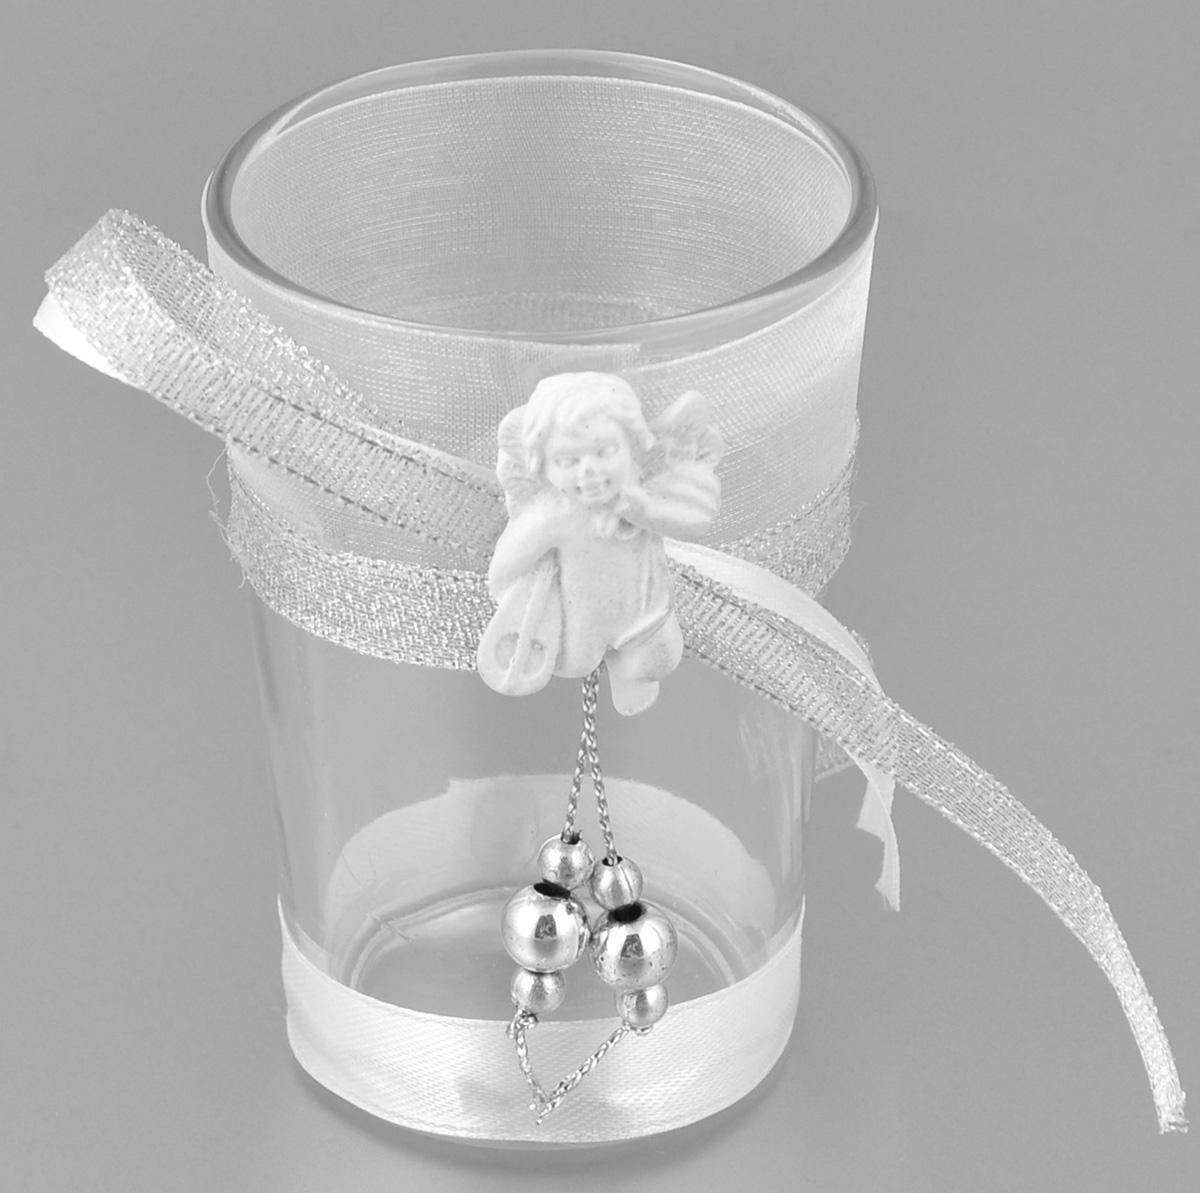 Подсвечник декоративный Феникс-презент Ангел с музыкальным инструментом, высота 8,5 см35318Декоративный подсвечник Феникс-презент Ангел с музыкальным инструментом, изготовленный из прочного стекла, декорирован фигуркой ангела и ленточкой. Такой подсвечник станет отличным выбором для тех, кто хочет сделать запоминающийся подарок родным и близким. Кроме того, он может хорошо вписаться в интерьер вашего дома или дачи.